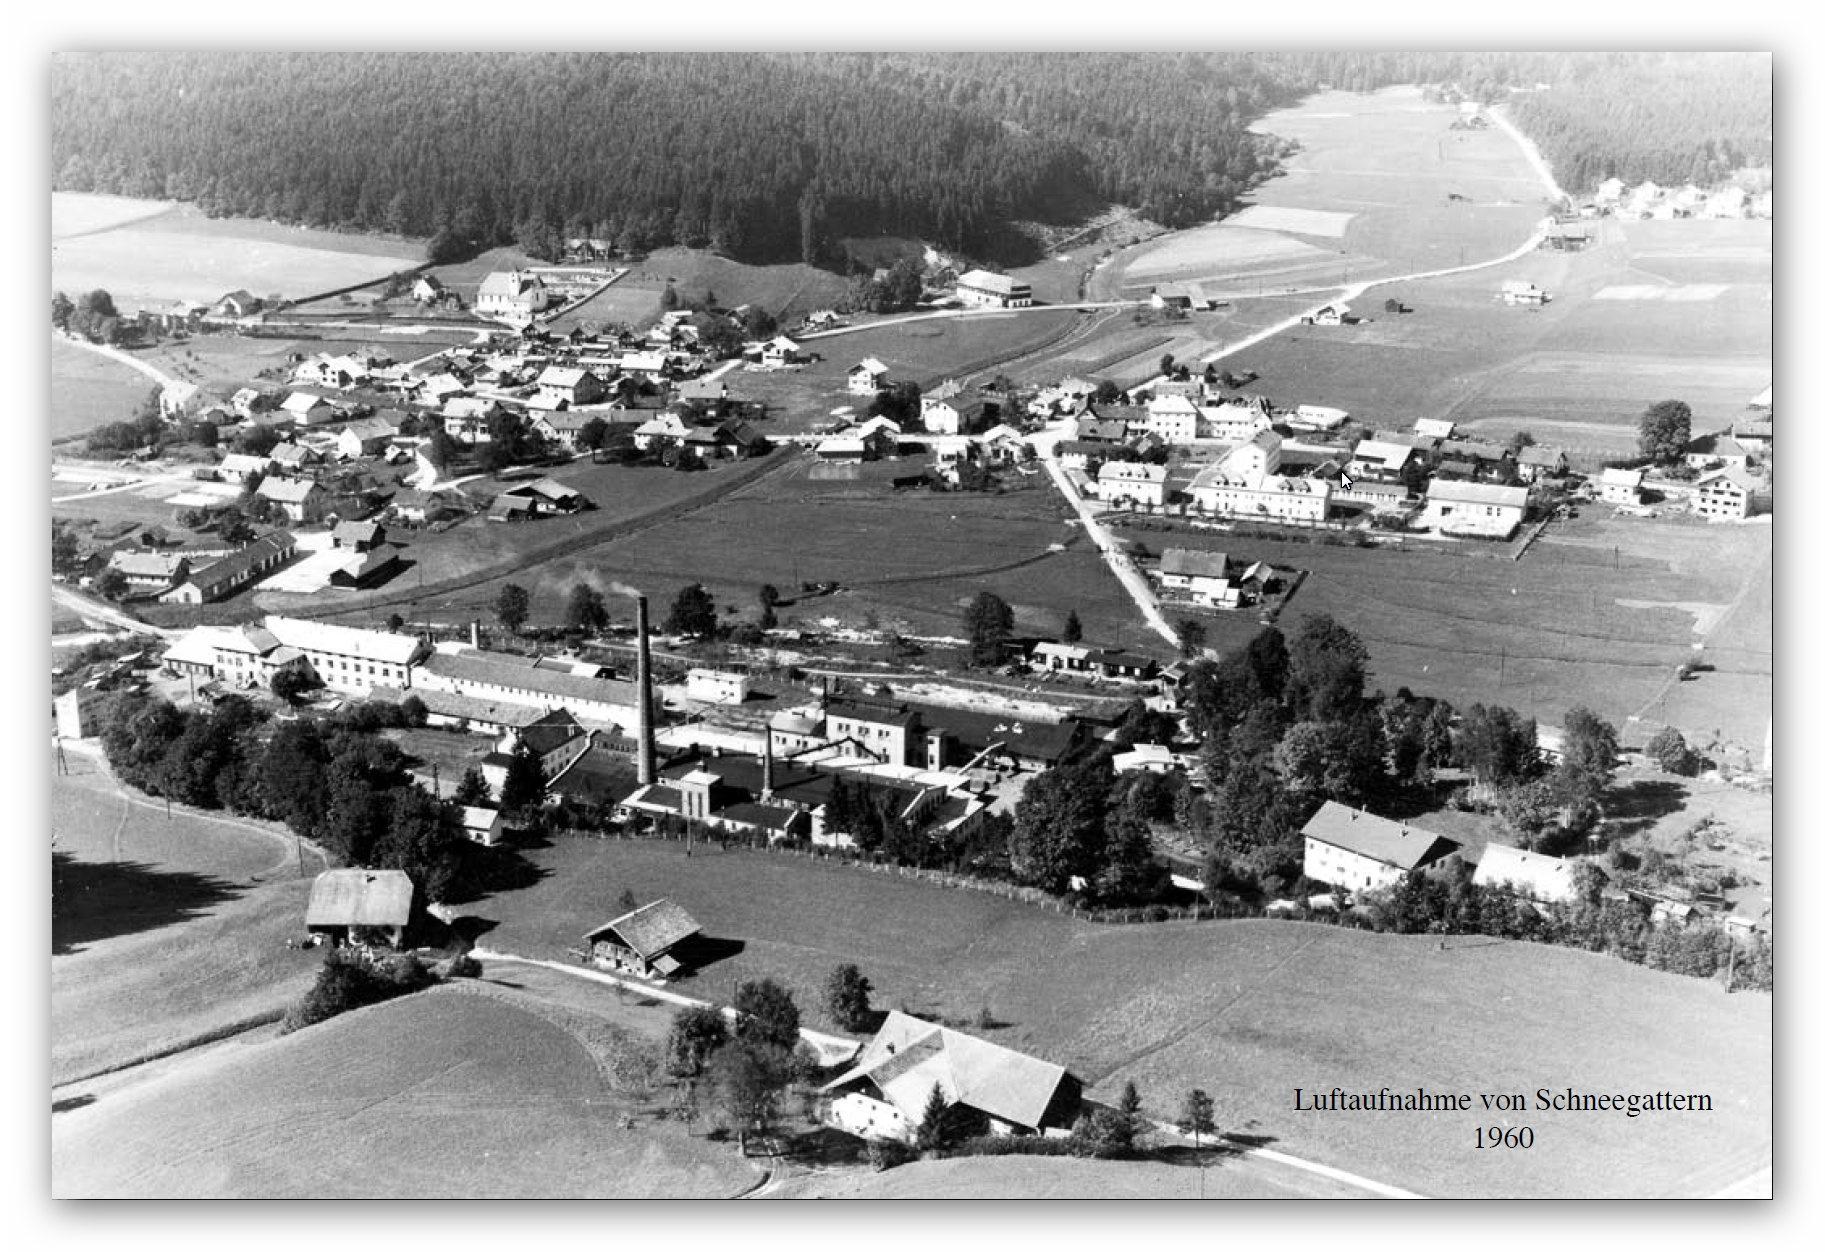 https://0501.nccdn.net/4_2/000/000/064/d40/Luftaufnahme-Schneegattern-1960-1825x1252.jpg